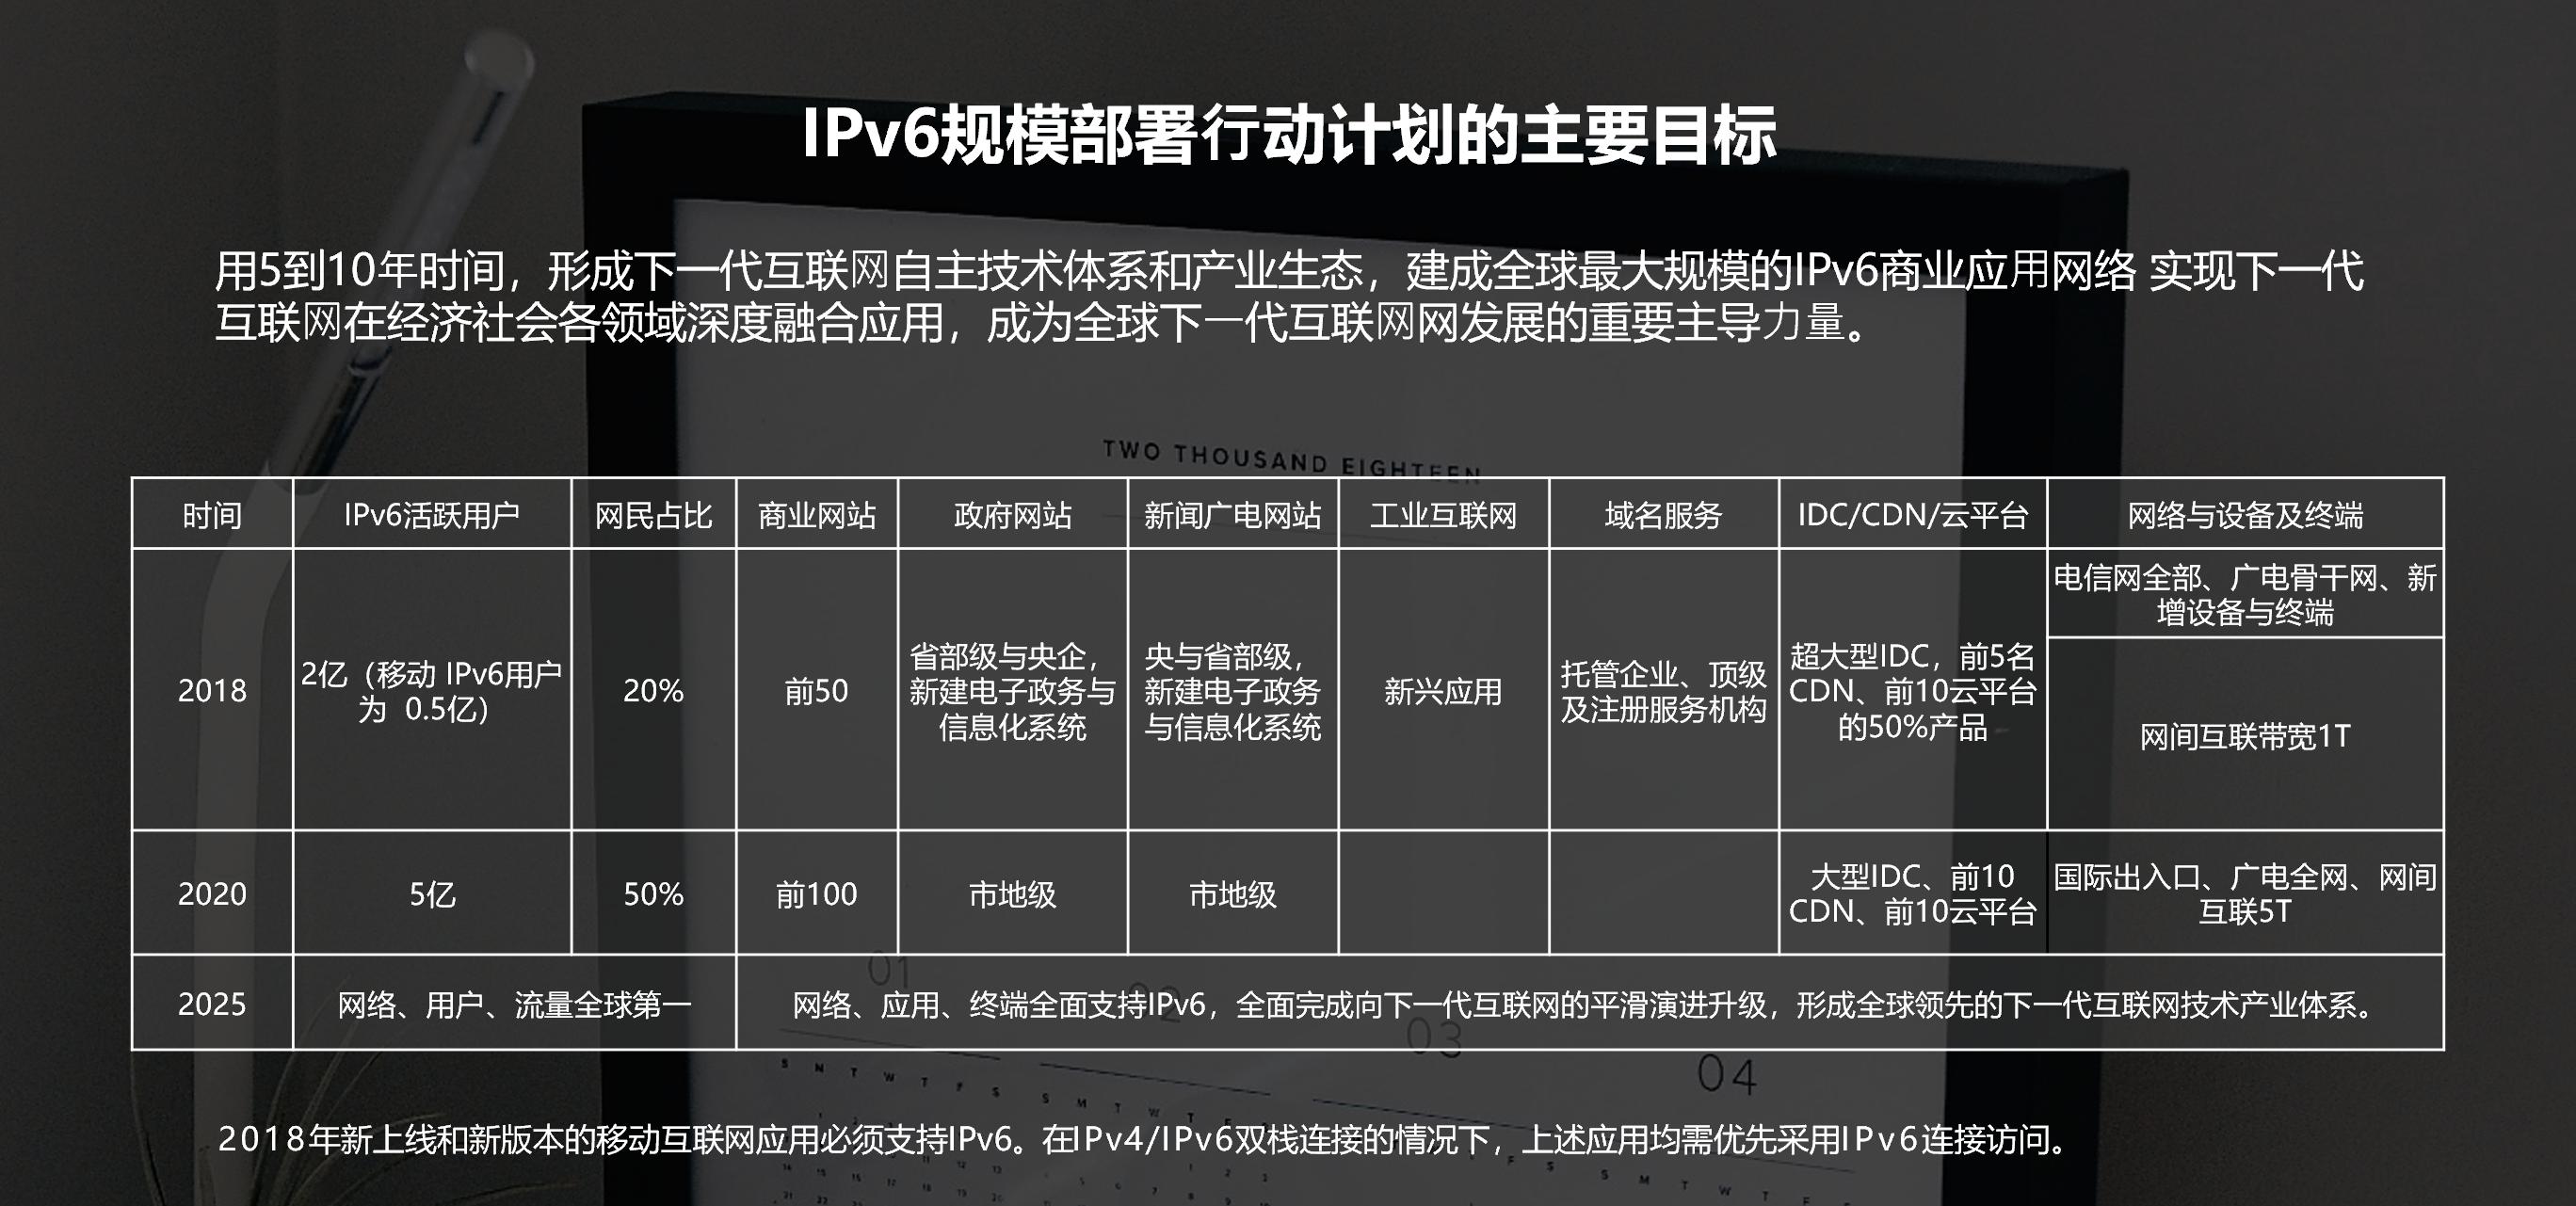 阿里云IPv6实践,从云服务到云安全-米饭粑